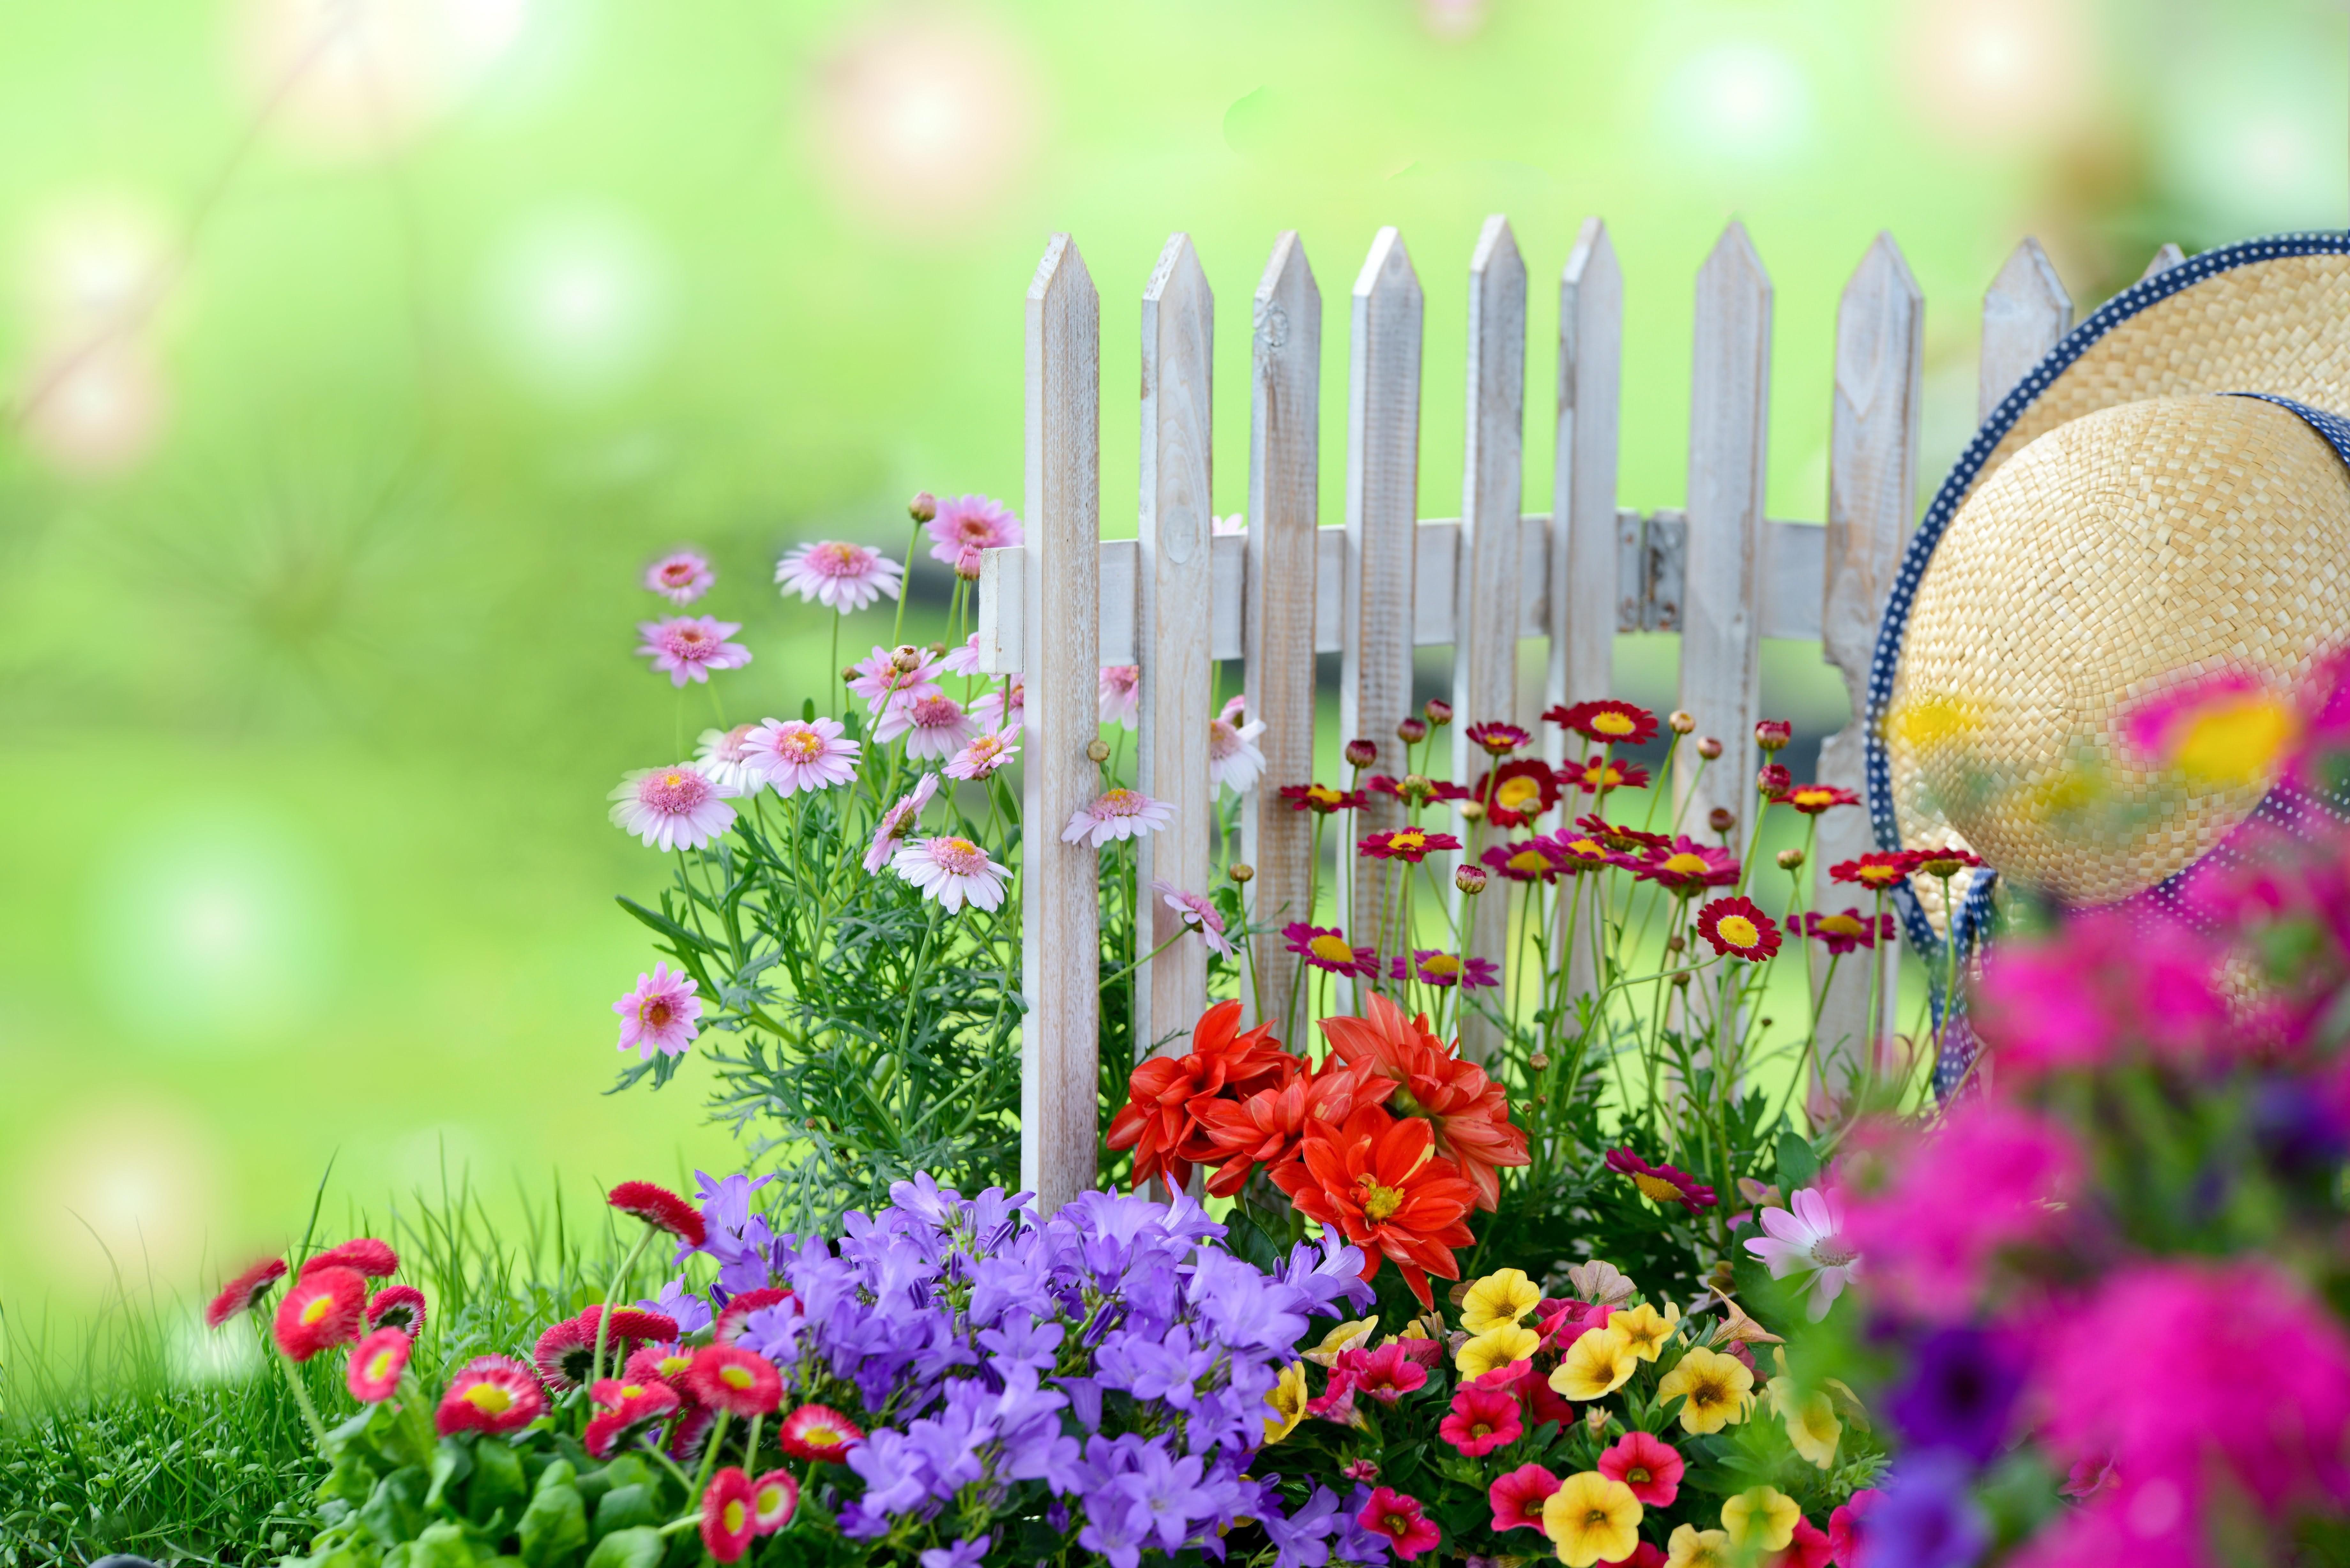 Herbstblumen Fur Einen Garten Voller Farben Blumen Und